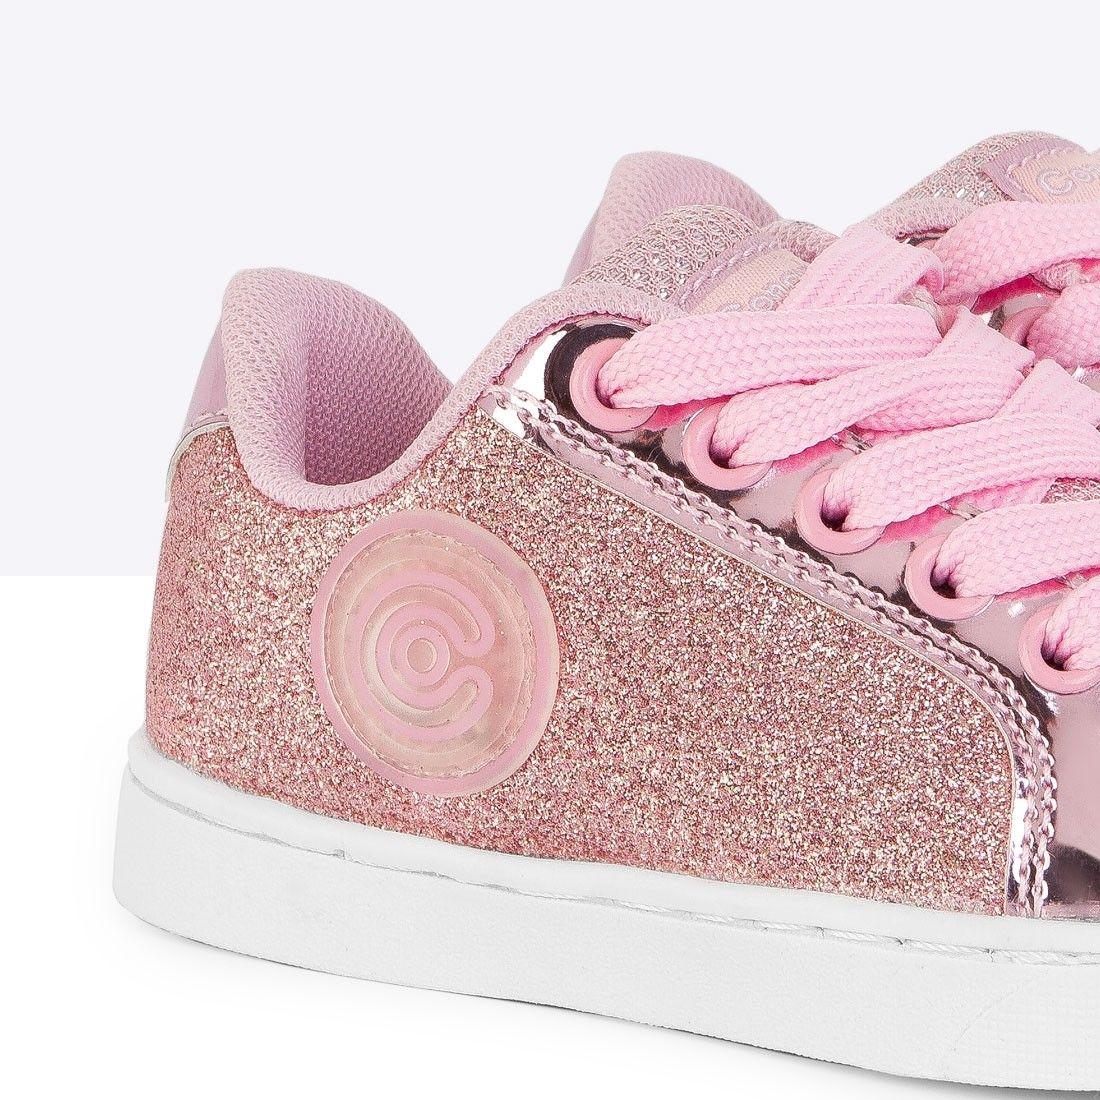 d3488cbca Zapatillas con Luces de Niña Glitter Rosa - Conguitos